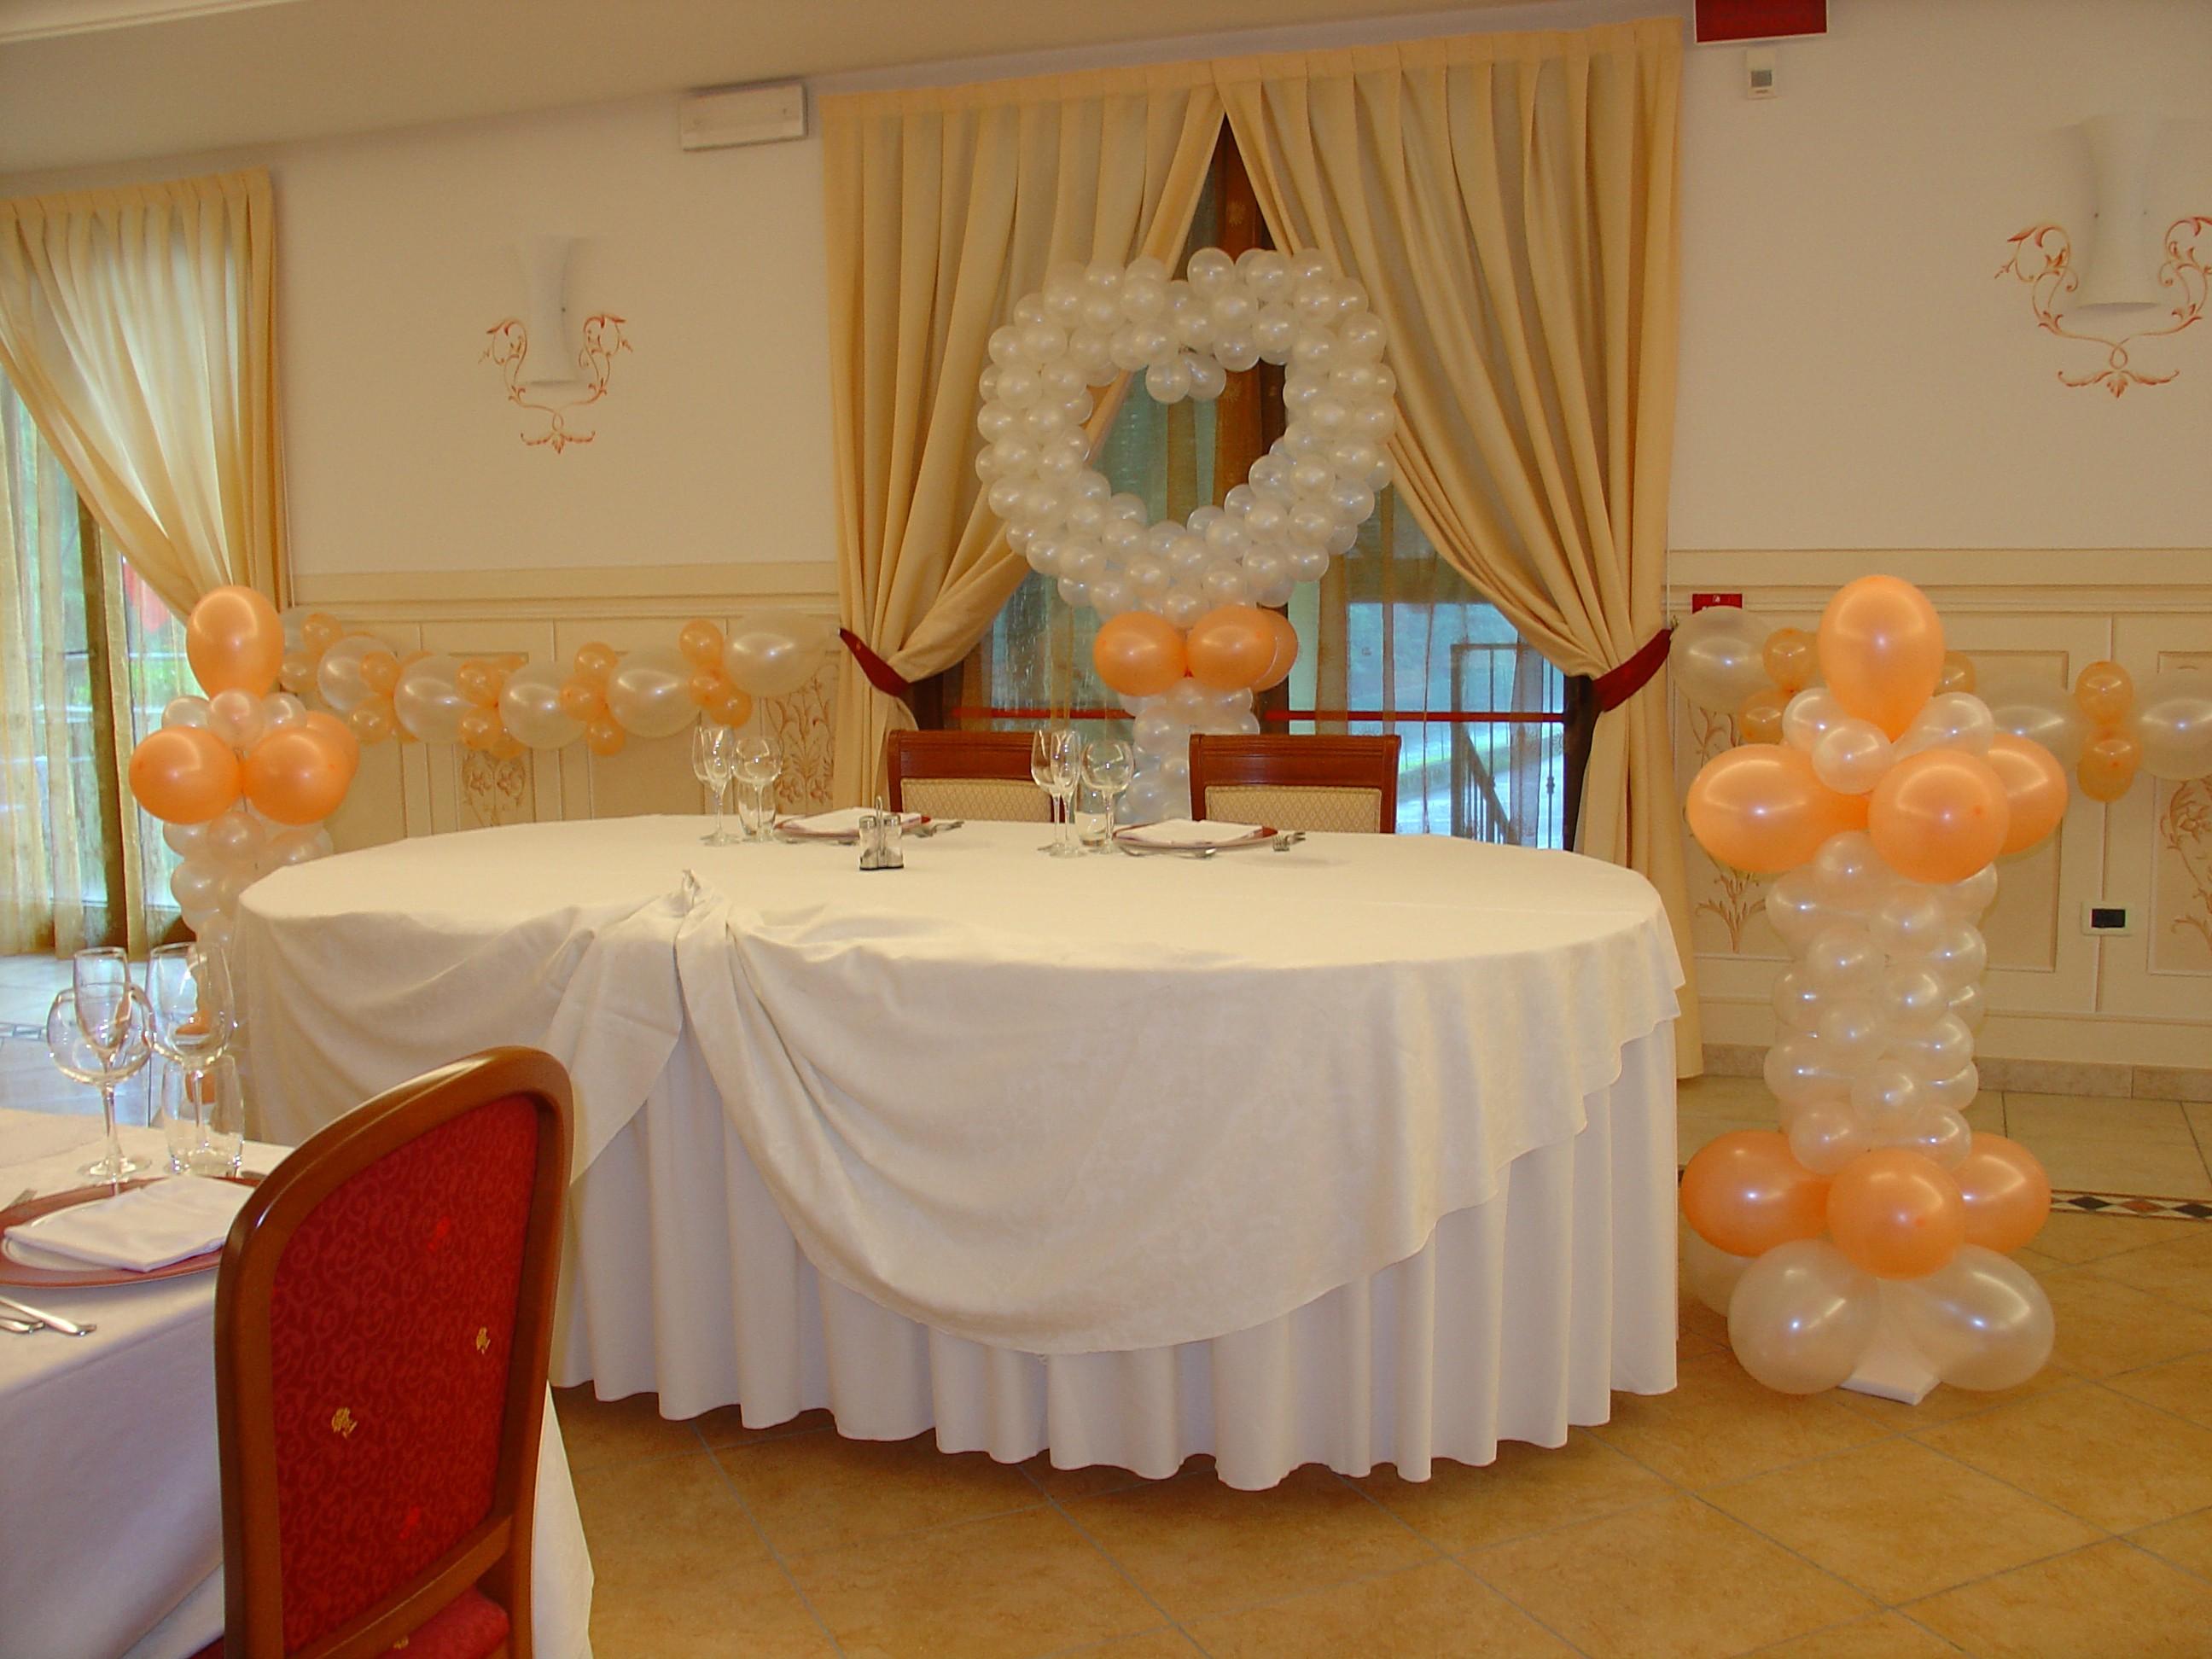 Decorazioni Da Tavolo Per Compleanno : Articoli per tutte le tue feste compleanno matrimonio addio al